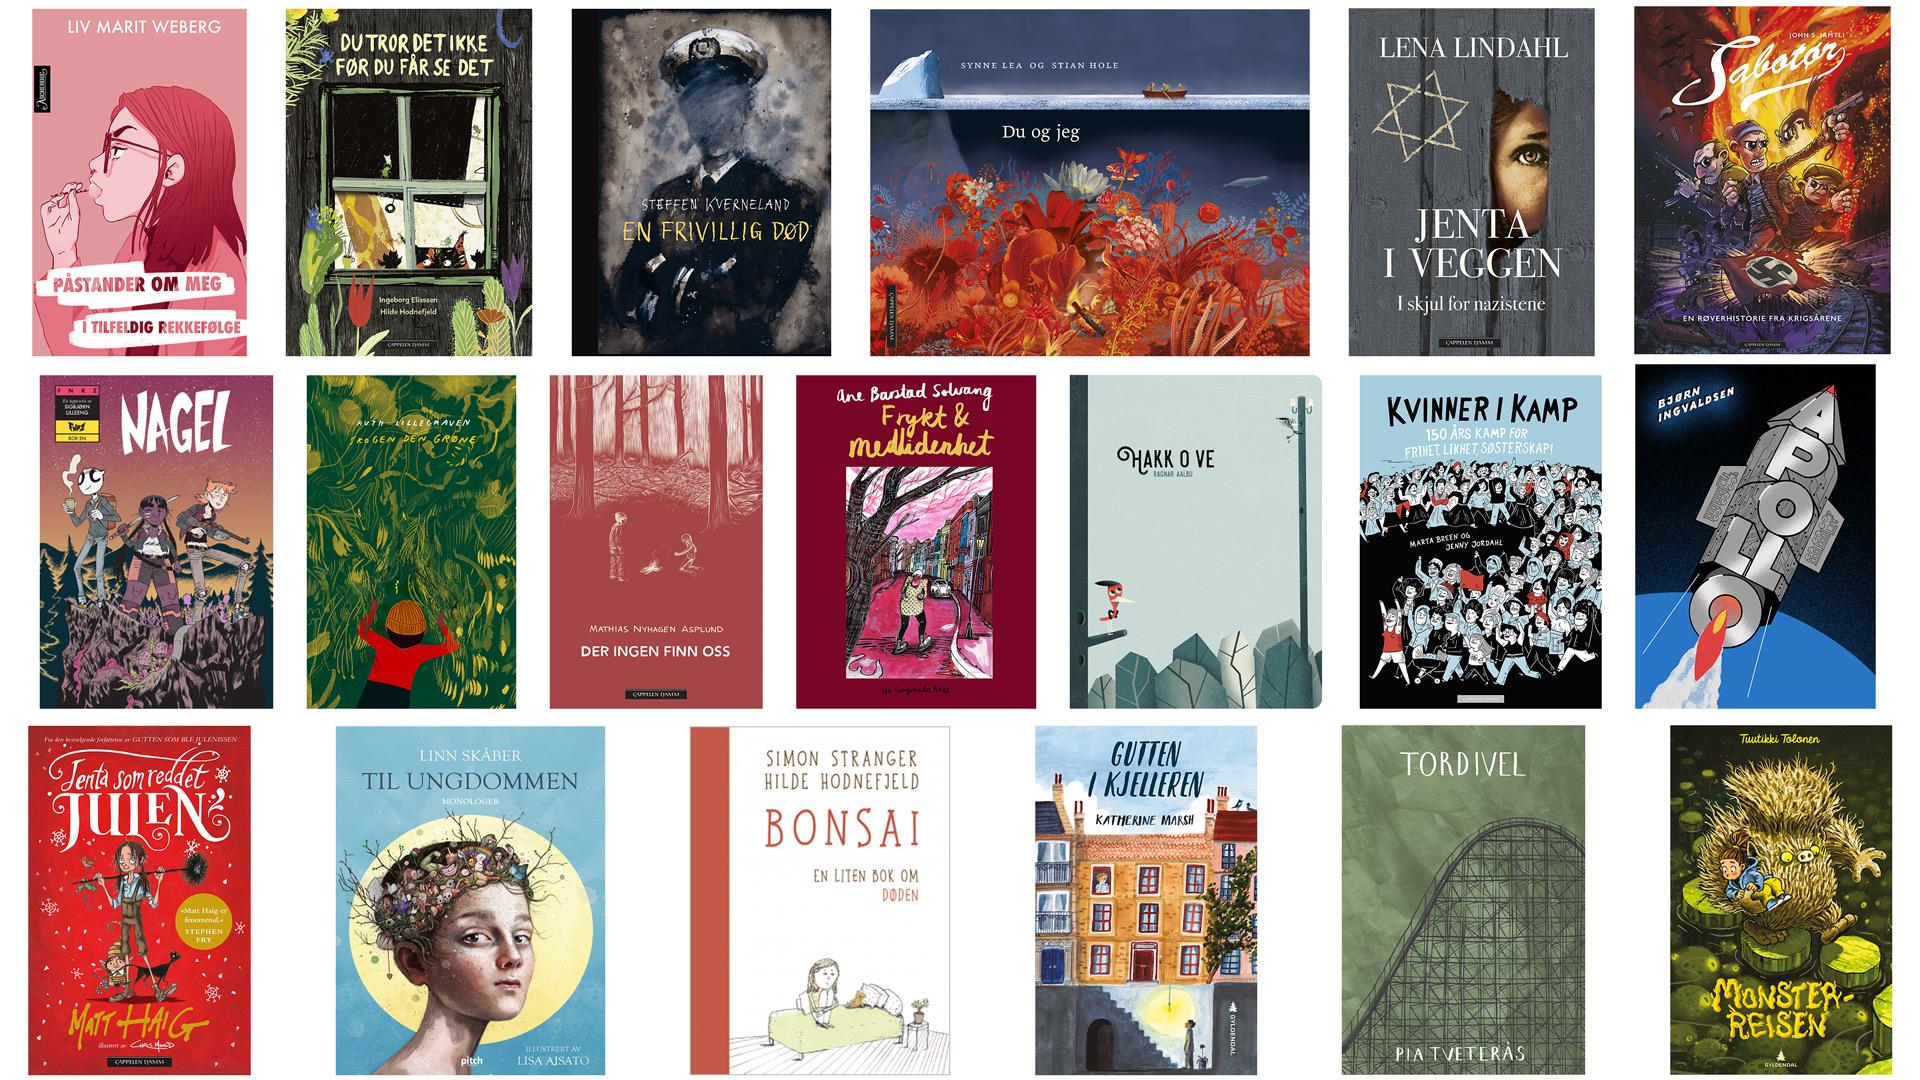 Nominasjoner til Kulturdepartementets priser for barne- og ungdomslitteratur utgitt i 2018